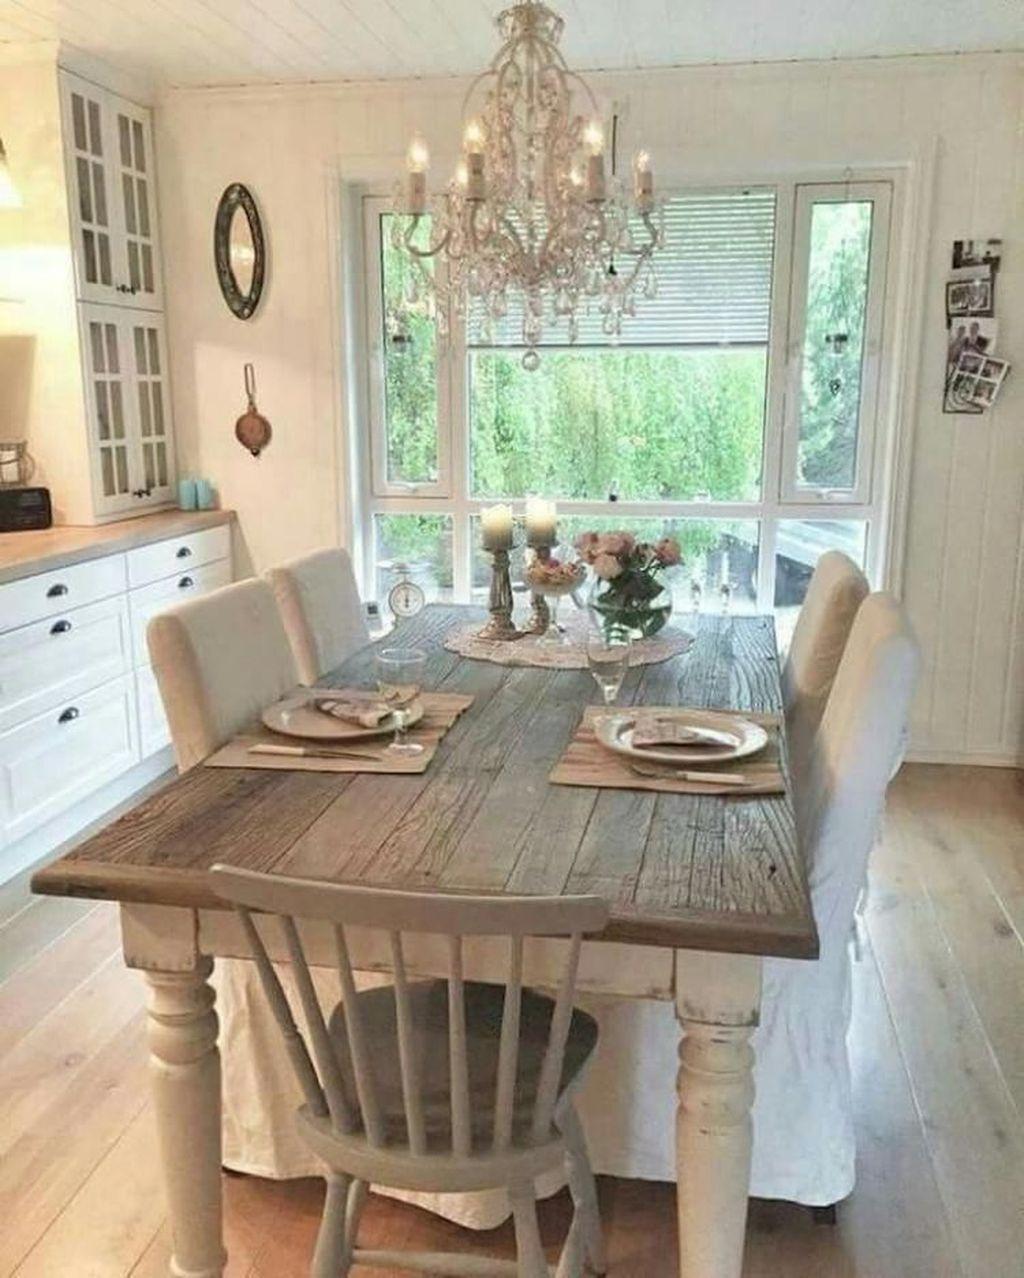 32 Admirable Dining Room Design Ideas Pimphomee French Country Dining Room Table French Country Dining Room Decor Dining Room Decor Country